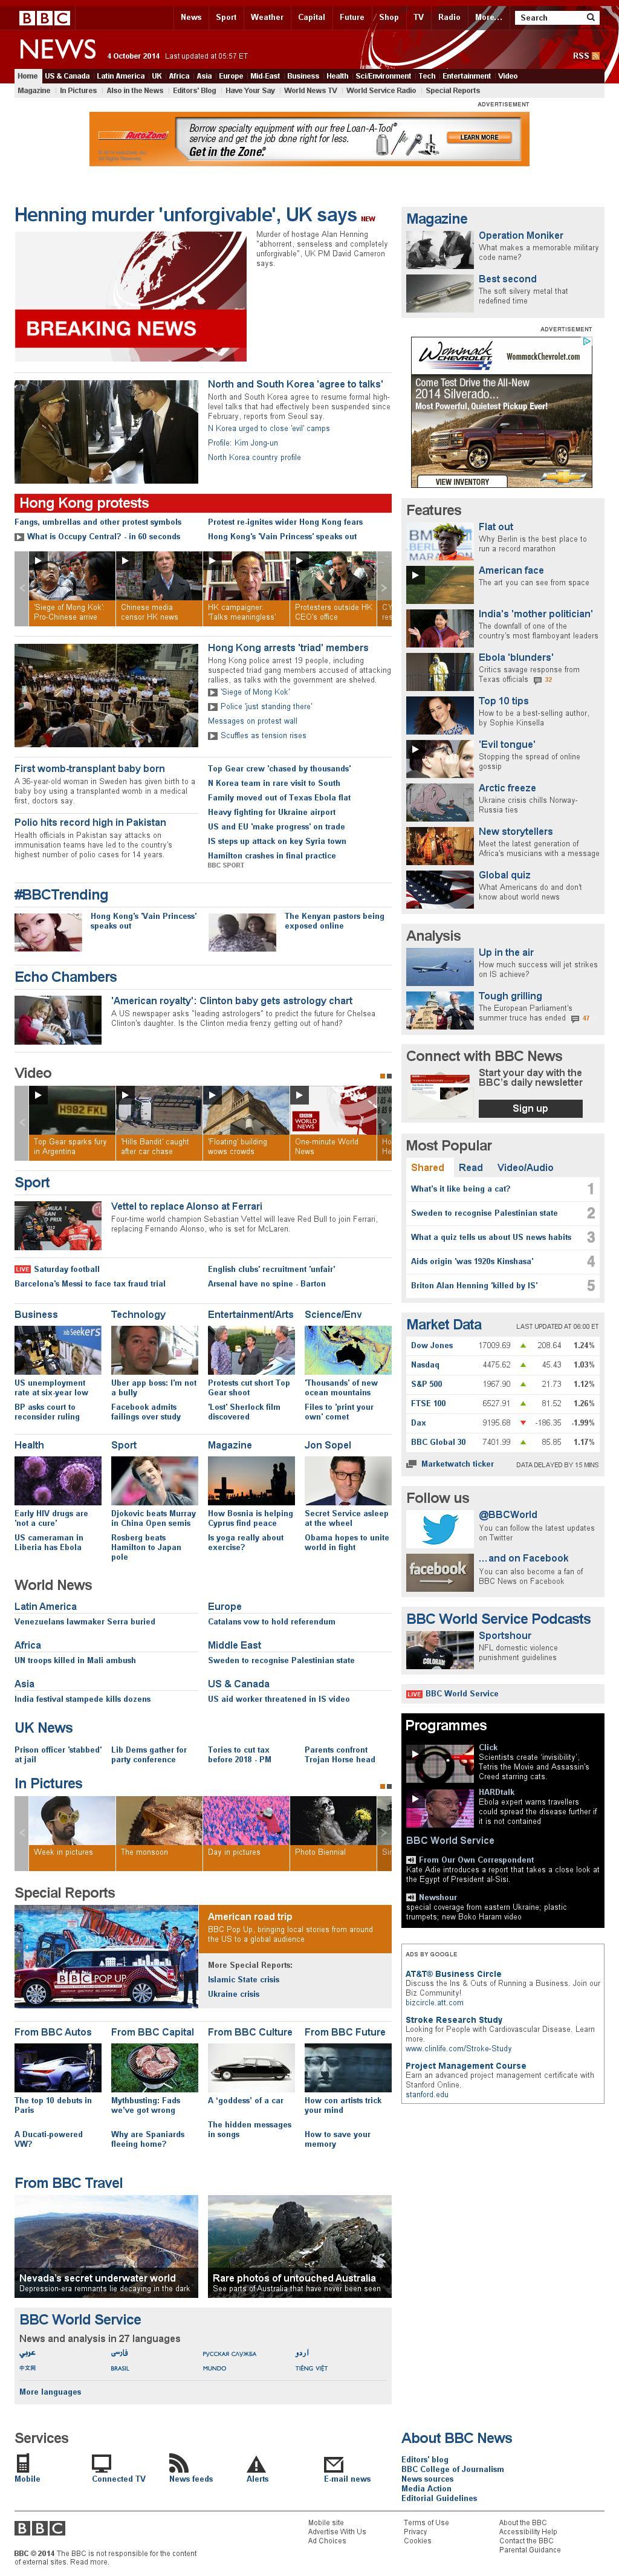 BBC at Saturday Oct. 4, 2014, 10 a.m. UTC